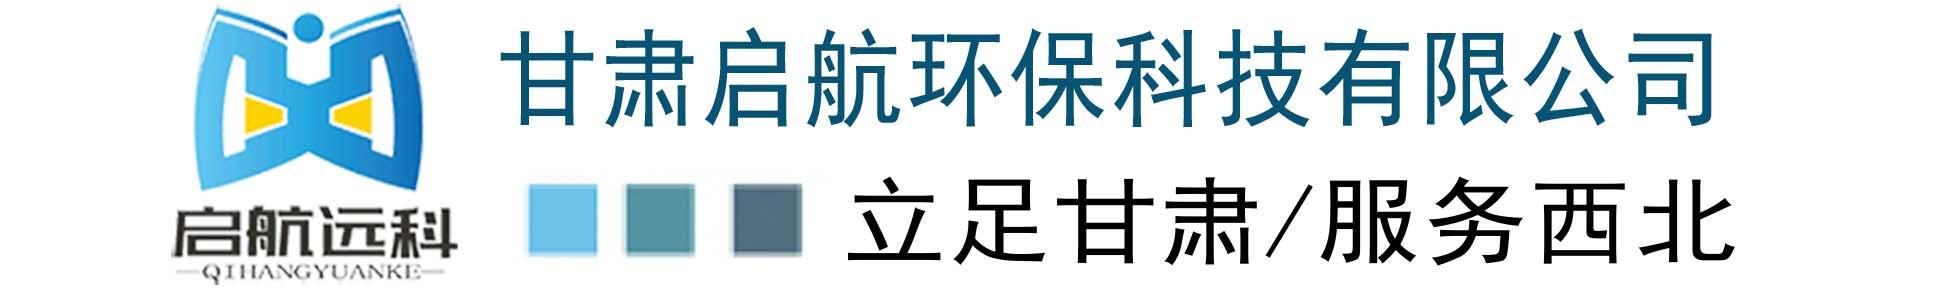 甘肃启航环保科技有限公司